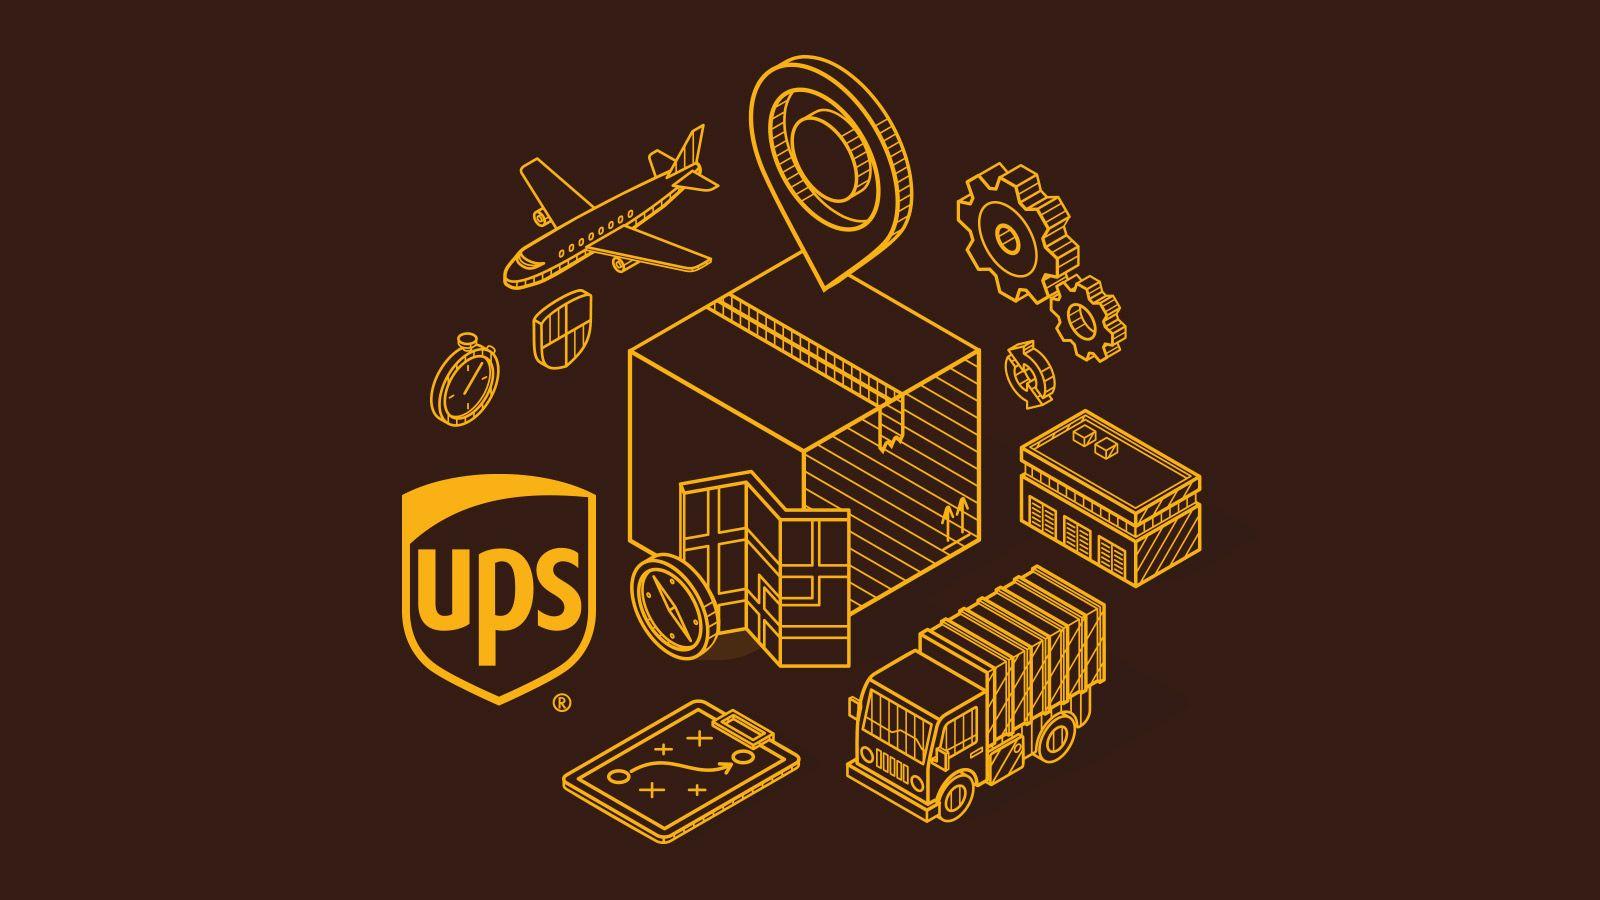 UPS Drop Off Locations & Services